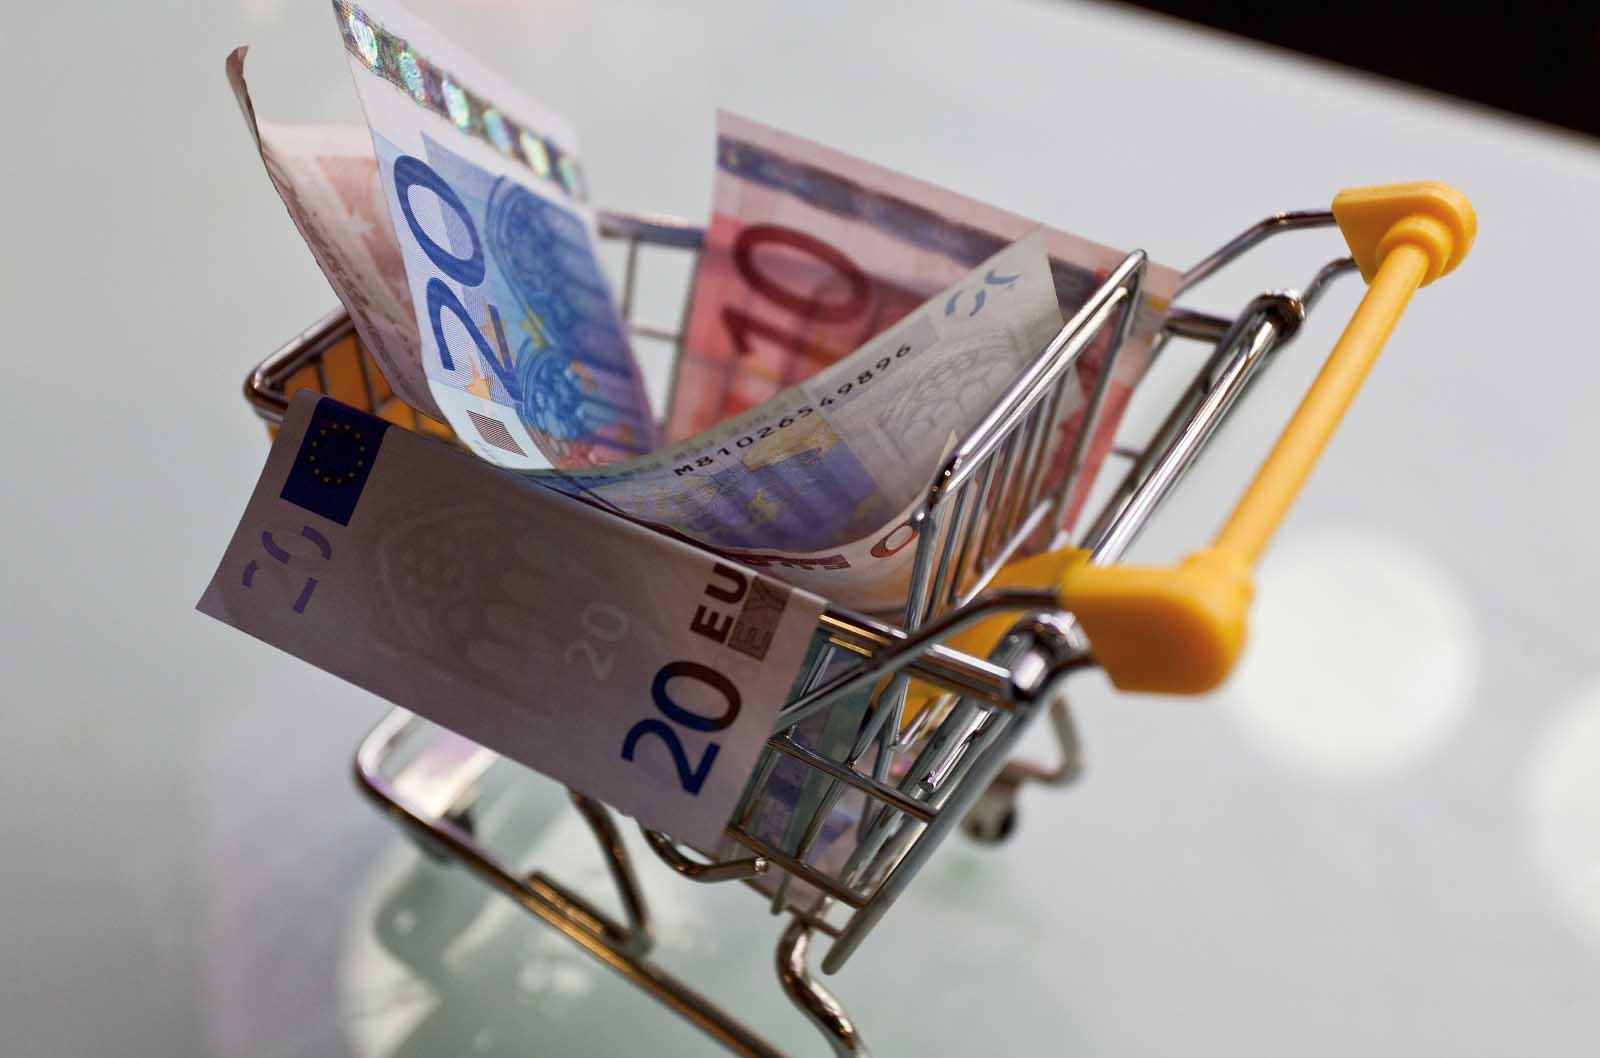 carrello spesa soldi euro 1